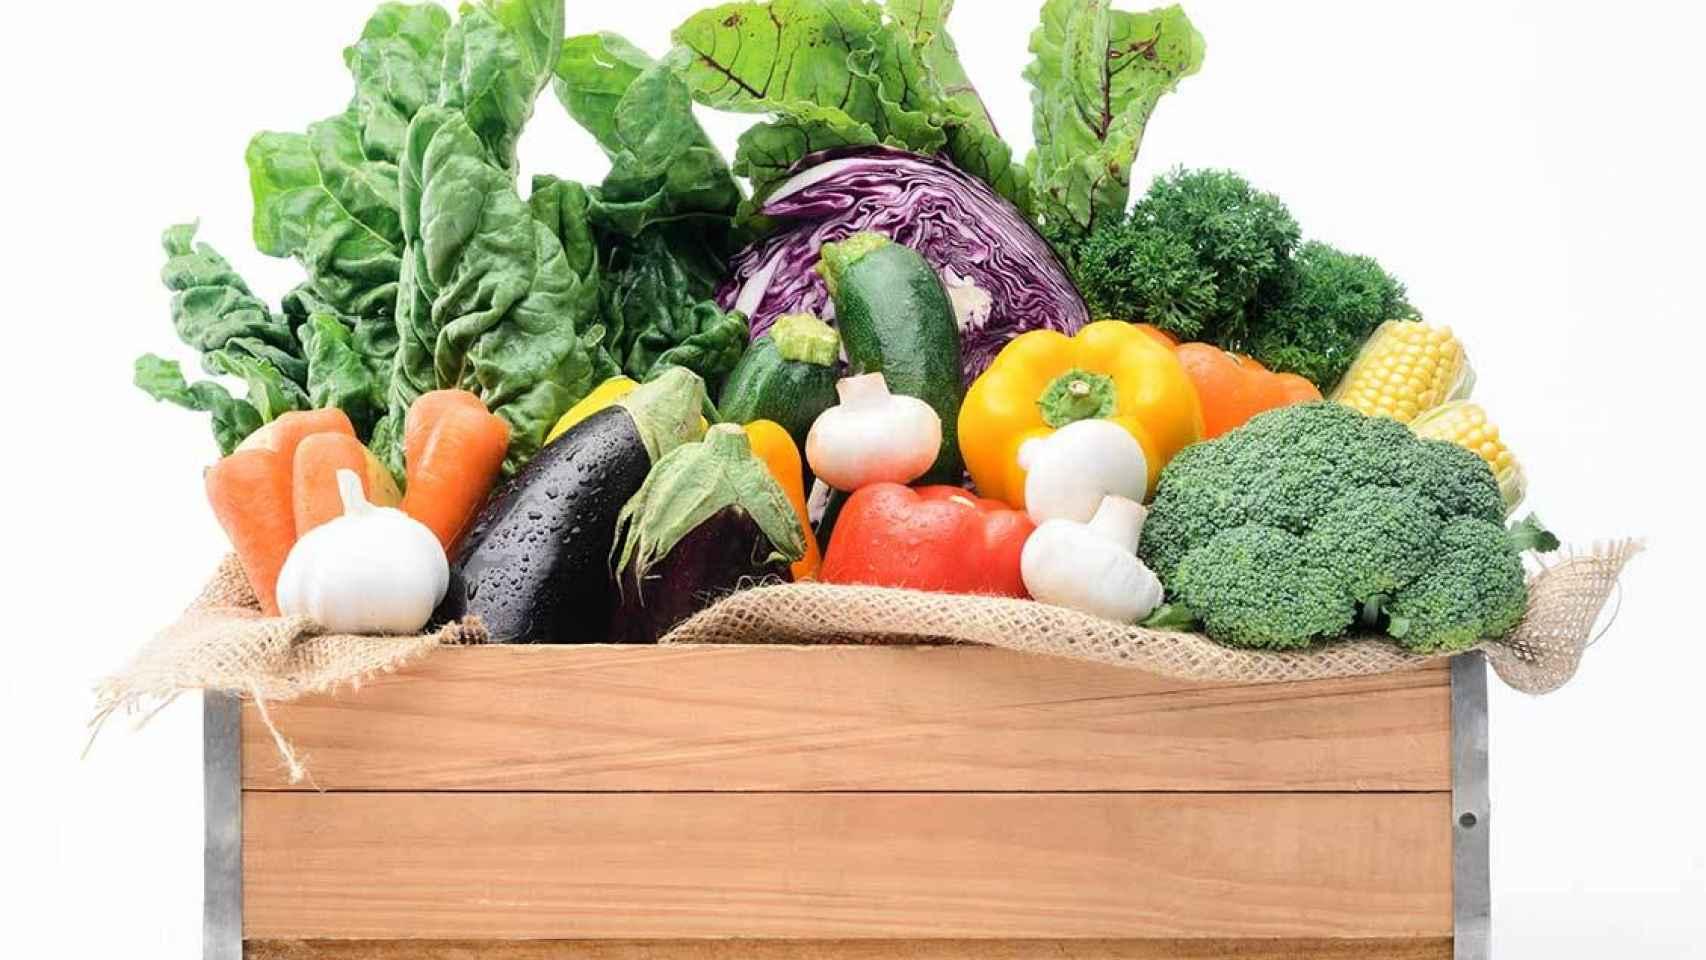 Cesta de vegetales y hortalizas procedentes de una huerta ecológica.